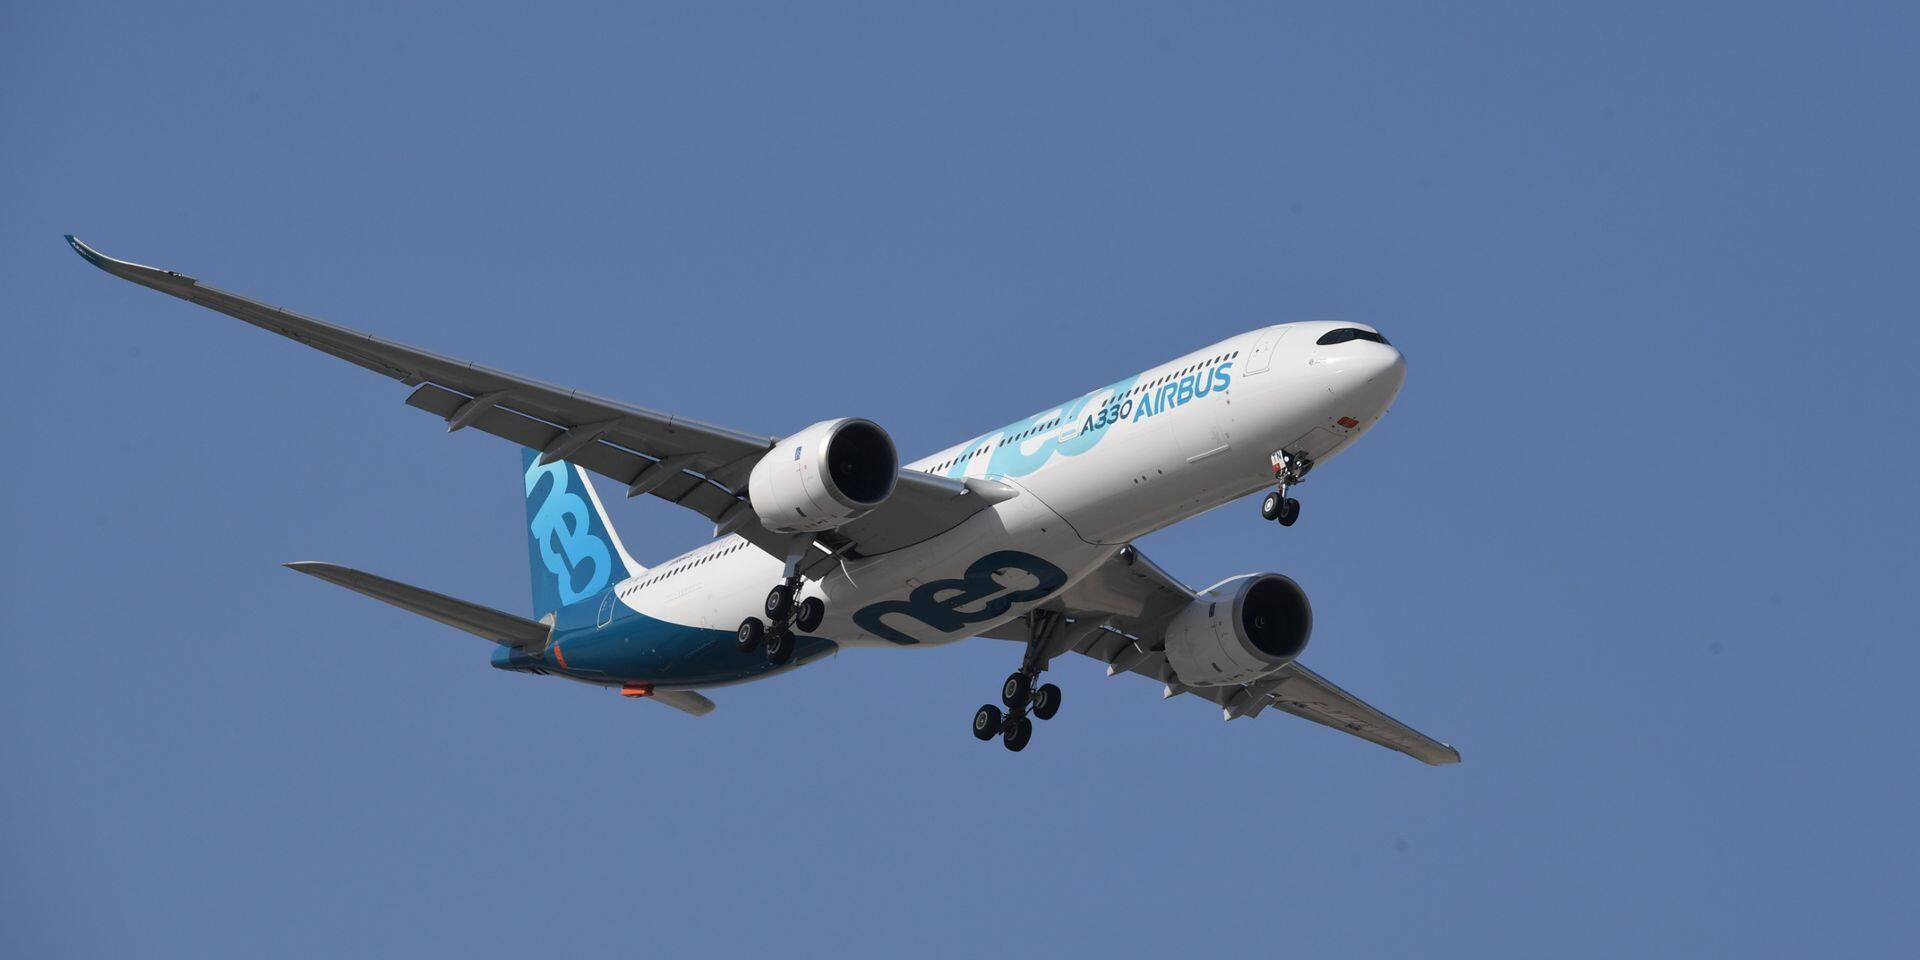 Transport aérien: la compensation des émissions de CO2, en attendant l'avion du futur